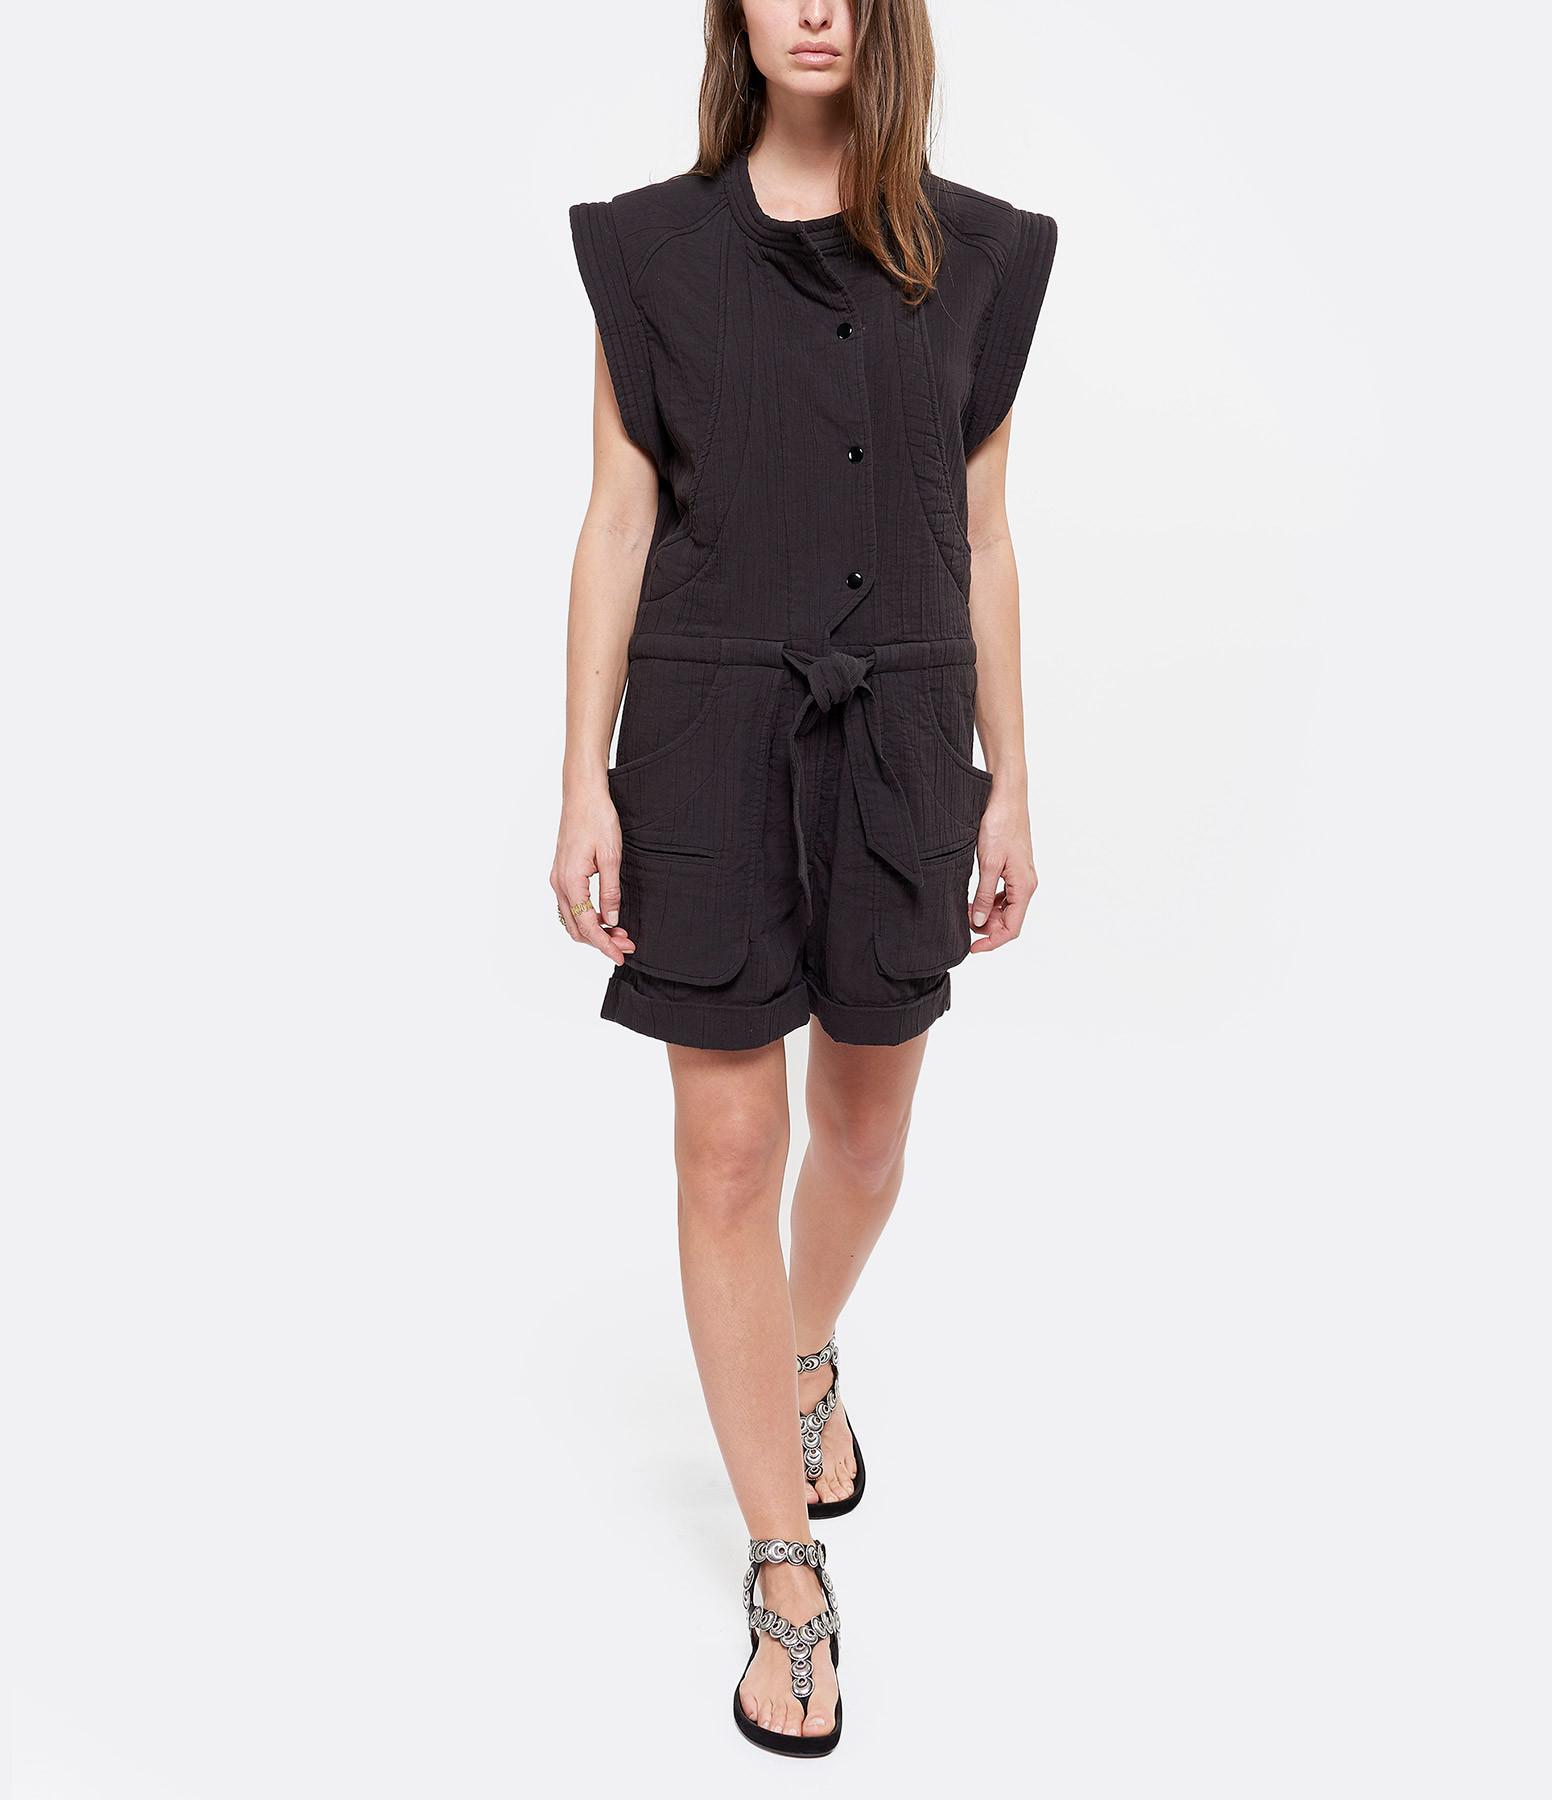 ISABEL MARANT ÉTOILE - Combinaison Blithe Coton Noir Délavé